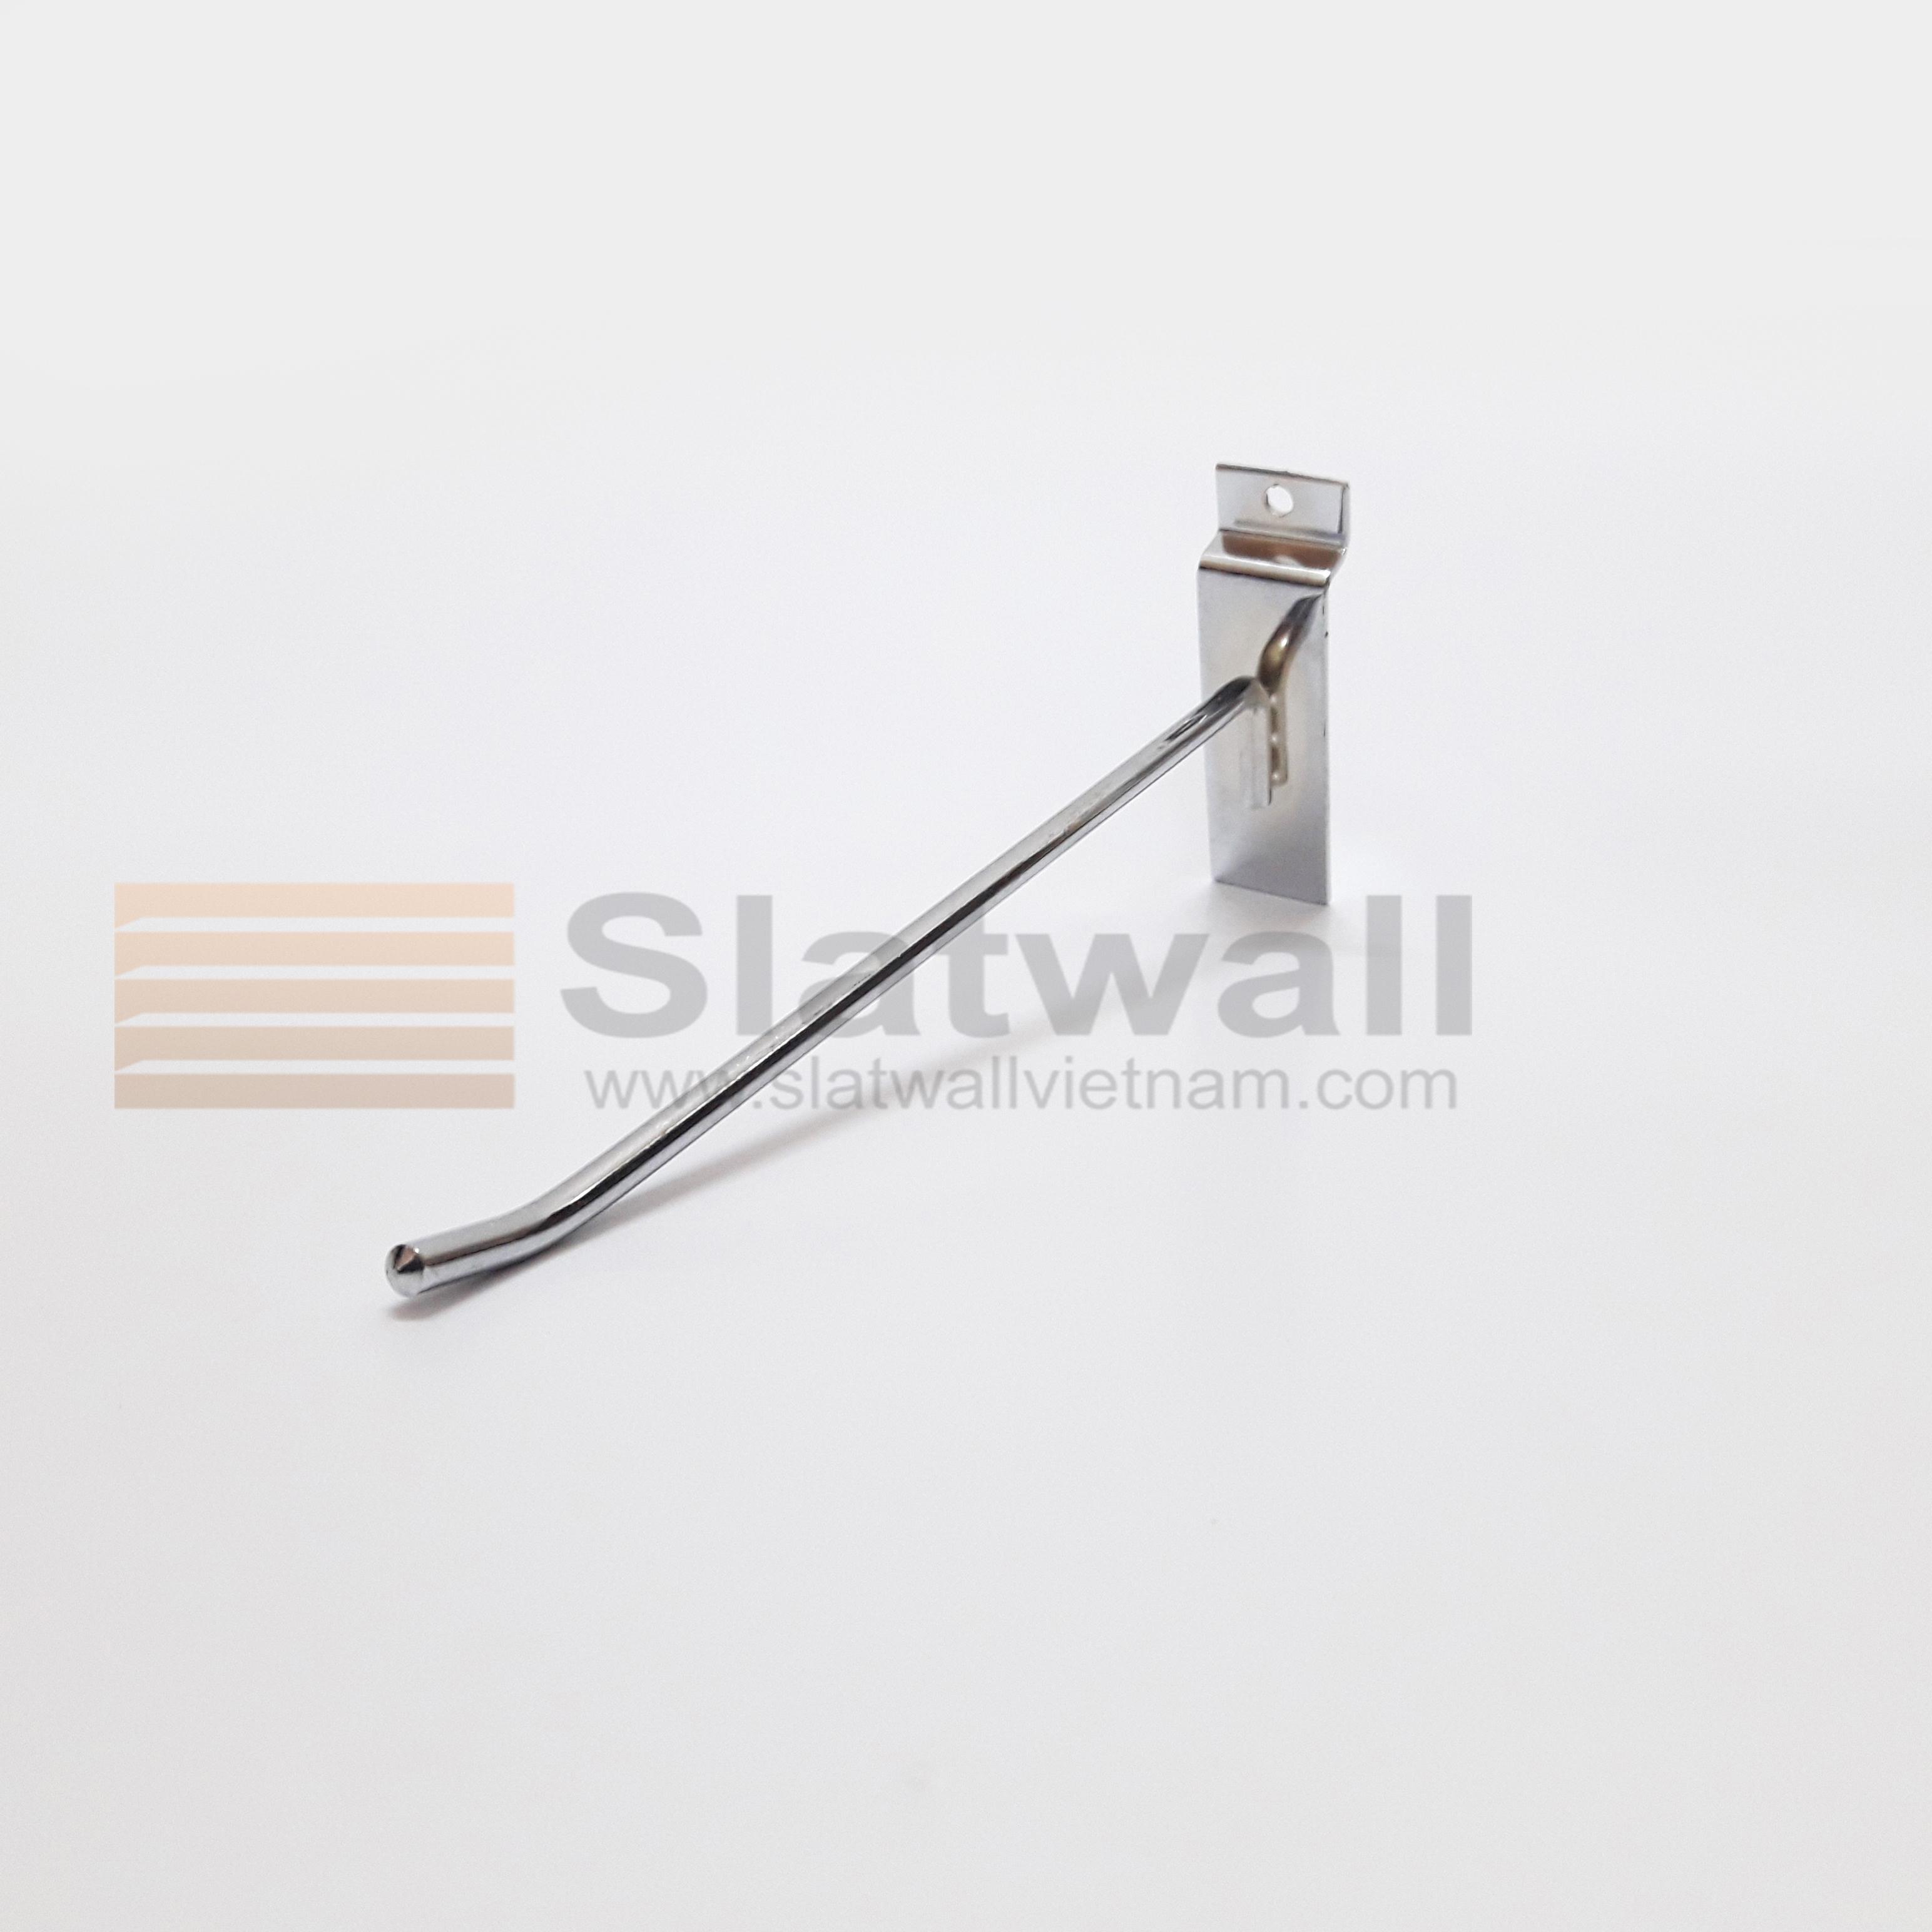 Móc đơn treo phụ kiện cài Slatwall MTG101